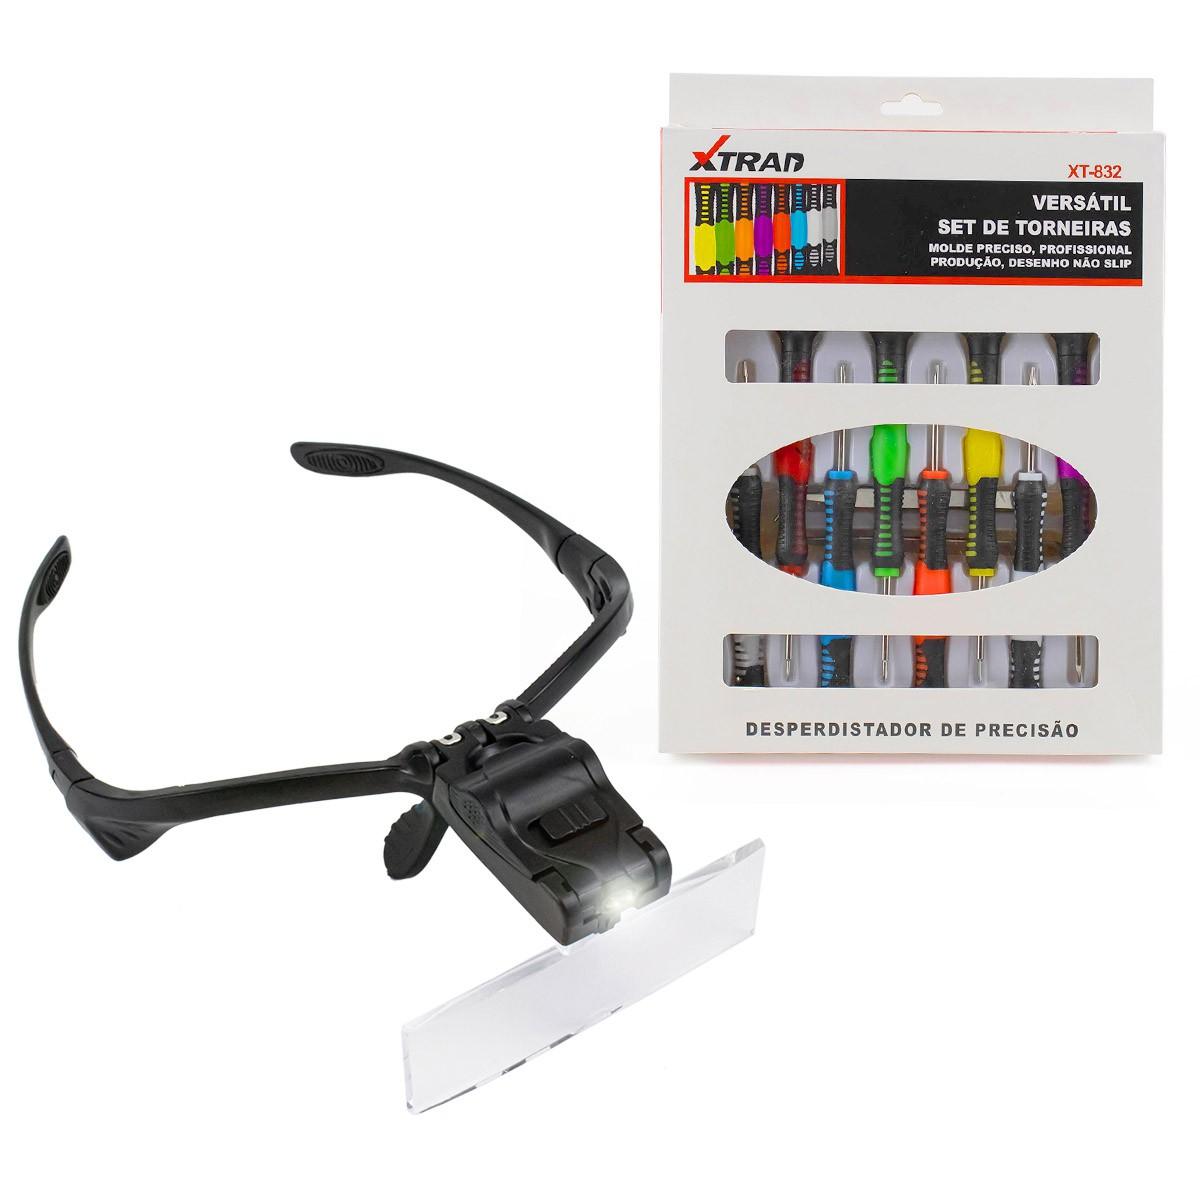 KIT Lupa de Cabeça Óculos 5 Lentes e LED + Jogo de Chaves 16 Peças Precisão